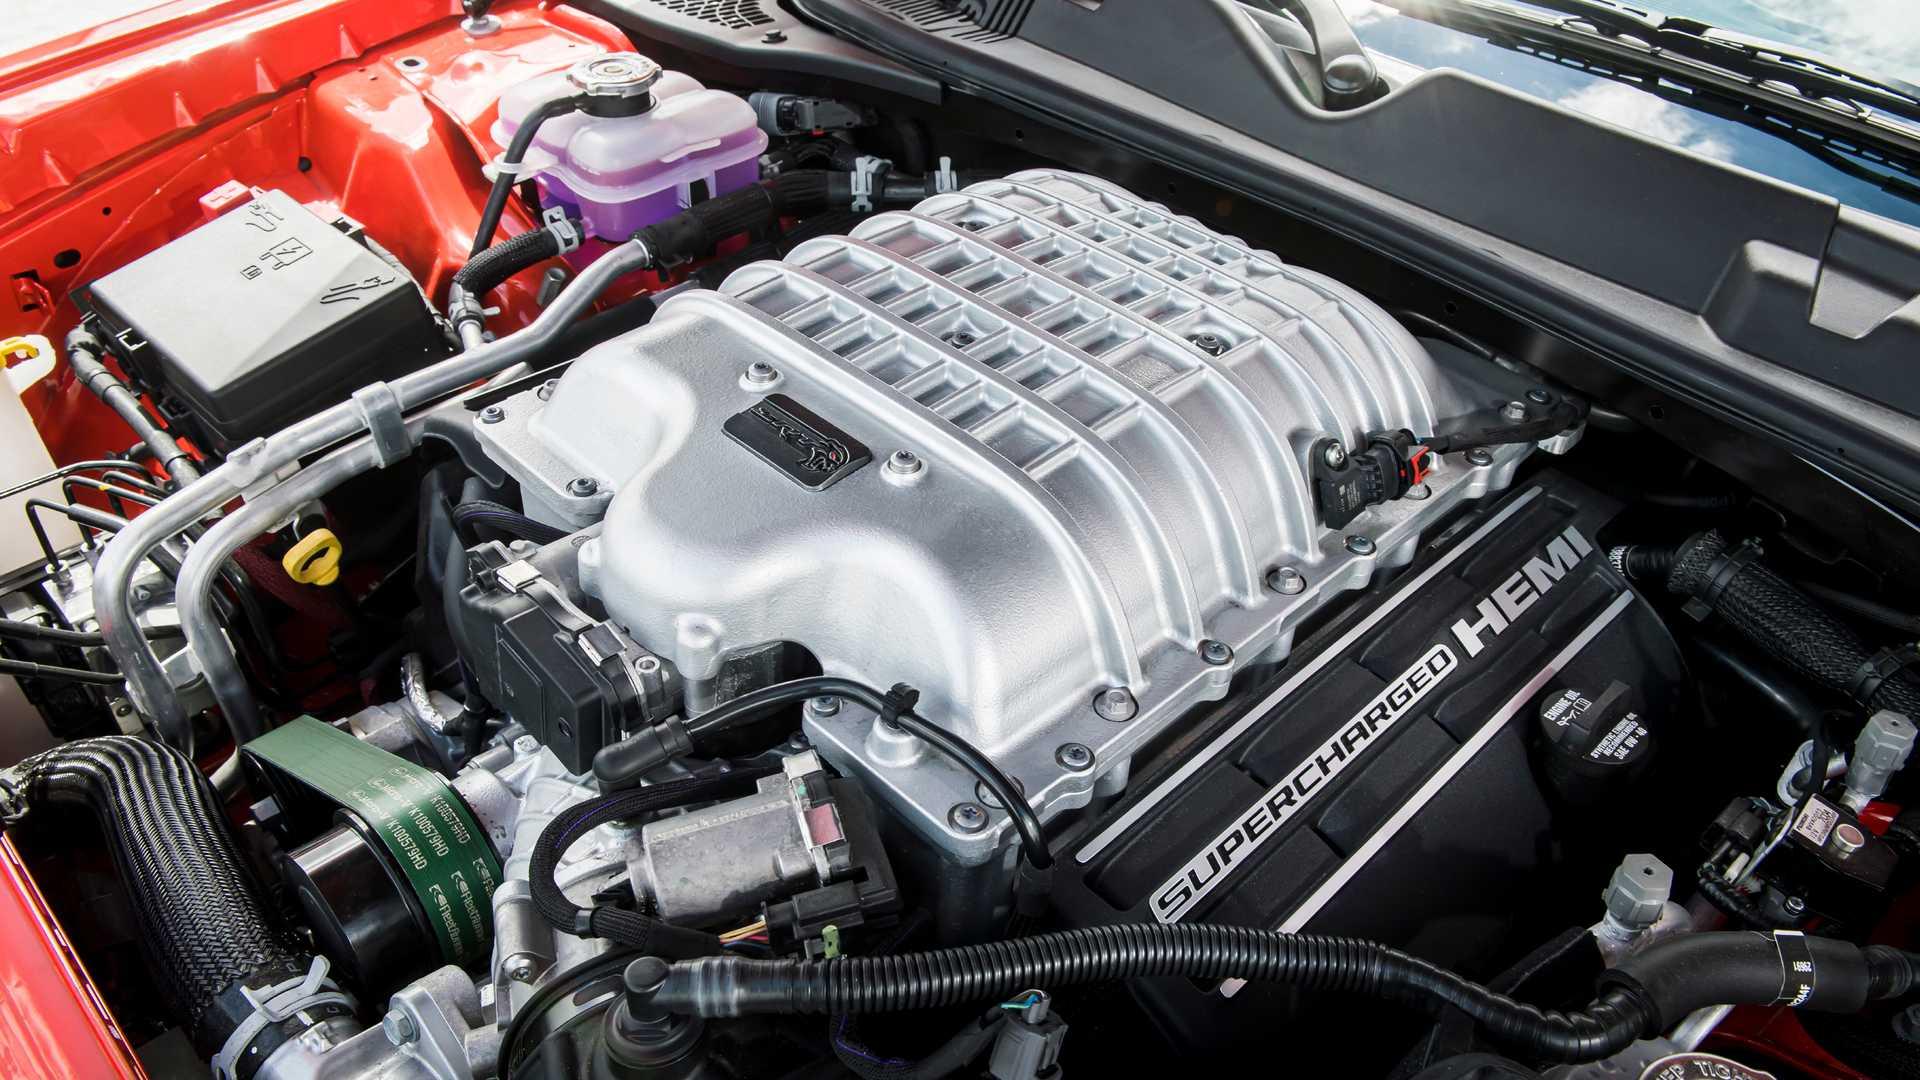 2020 dodge challenger srt super stock 2 آیا استلانتیس خودروهای SRT را کنار میگذارد؟ اخبار IT